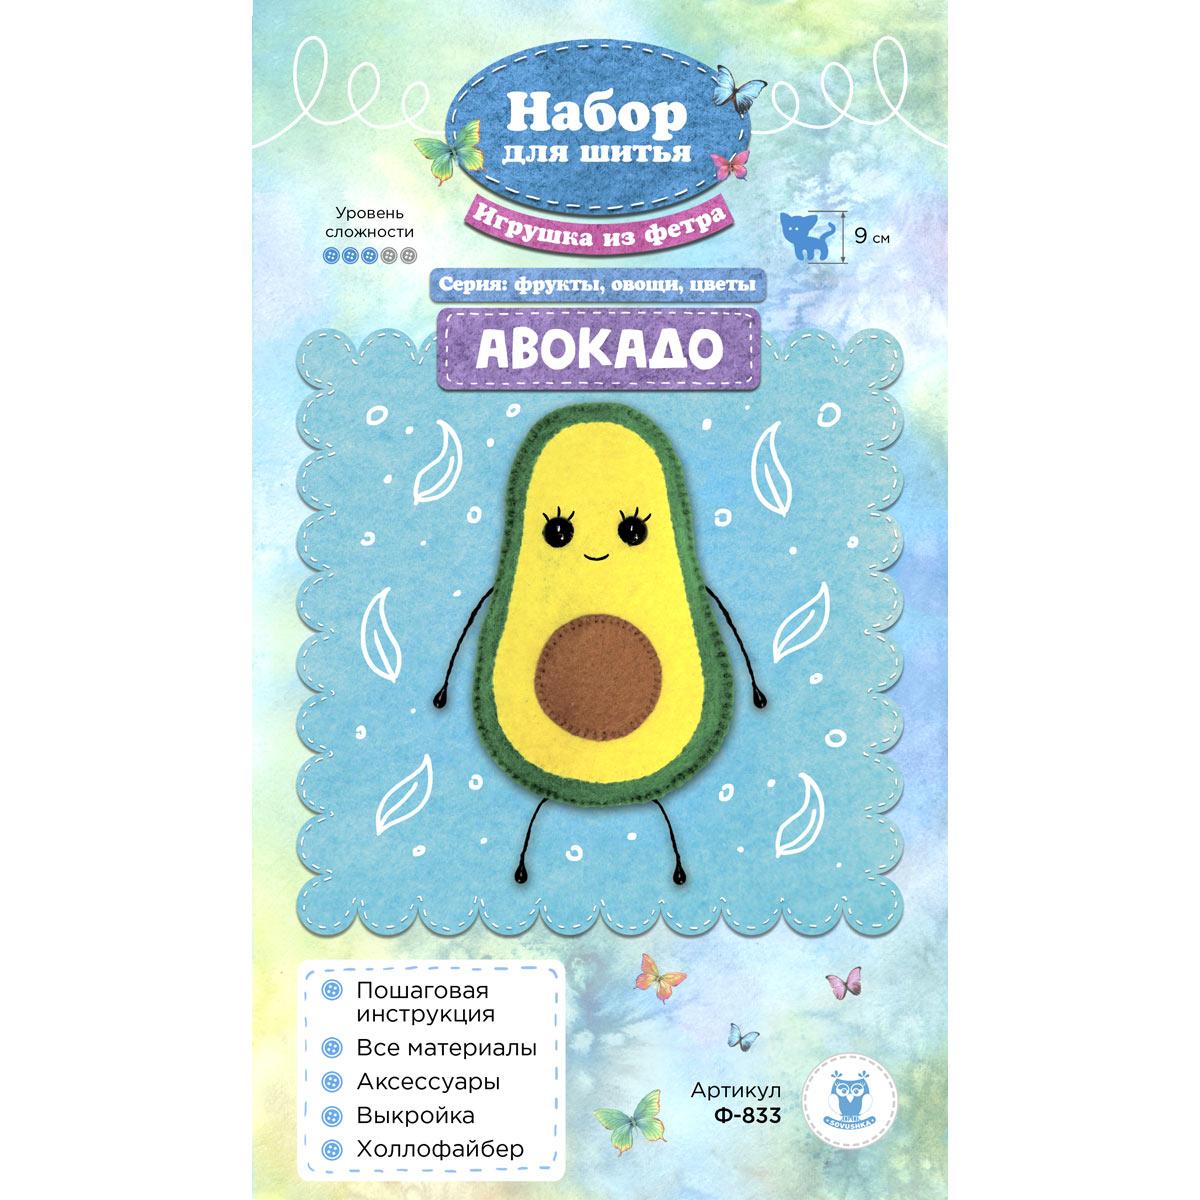 Ф-833 Набор для шитья игрушки из фетра 'Авокадо' 9см